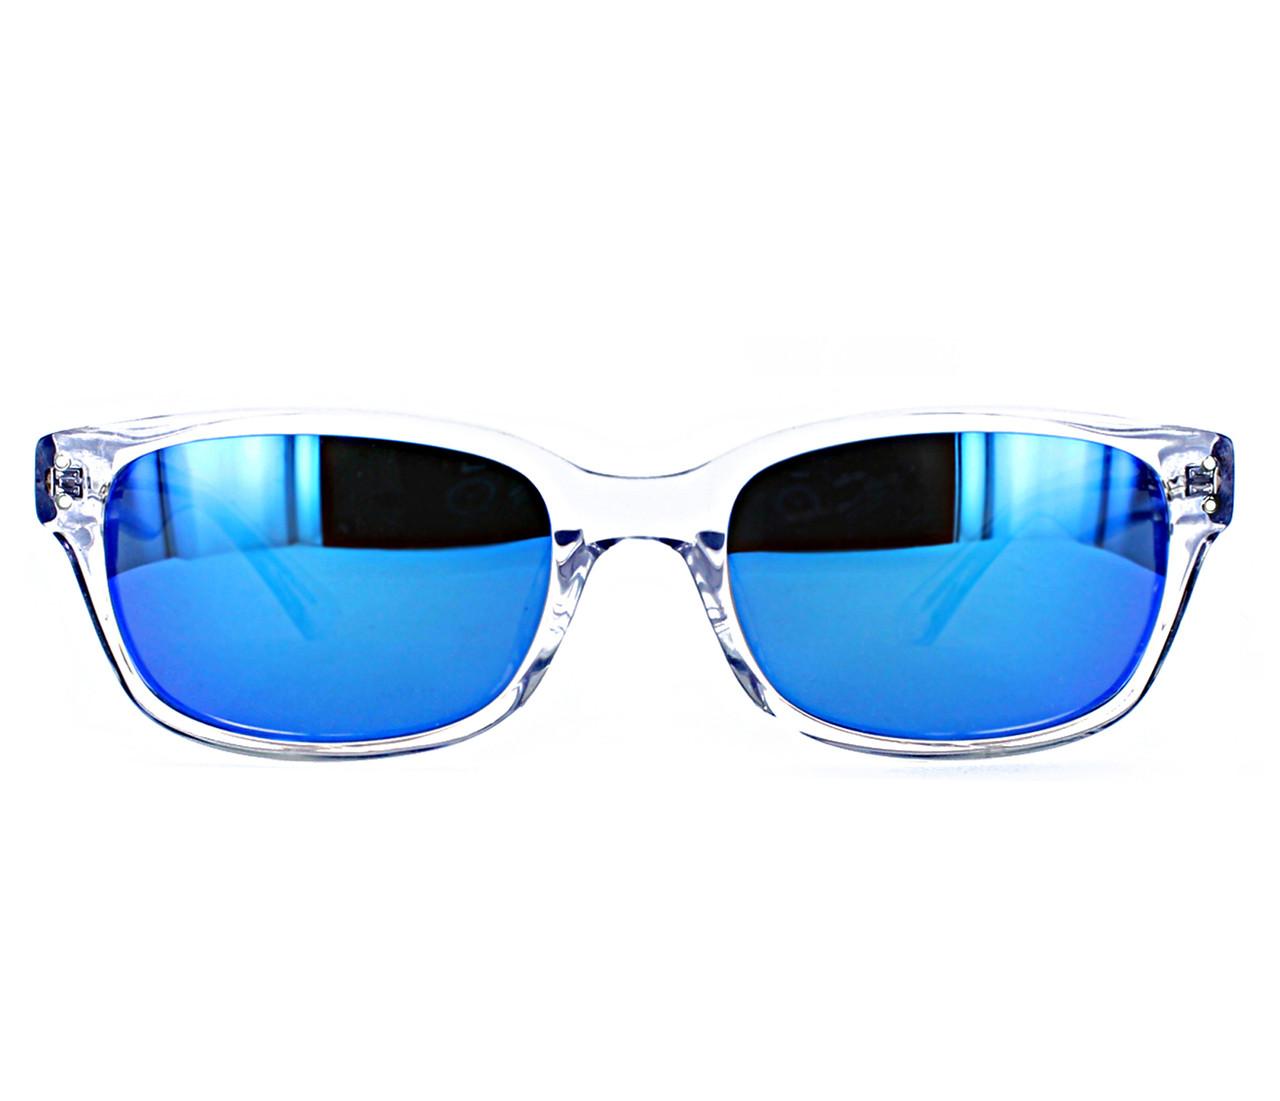 GEEK Eyewear Geek VO2 Sunglass Mirror Lenses